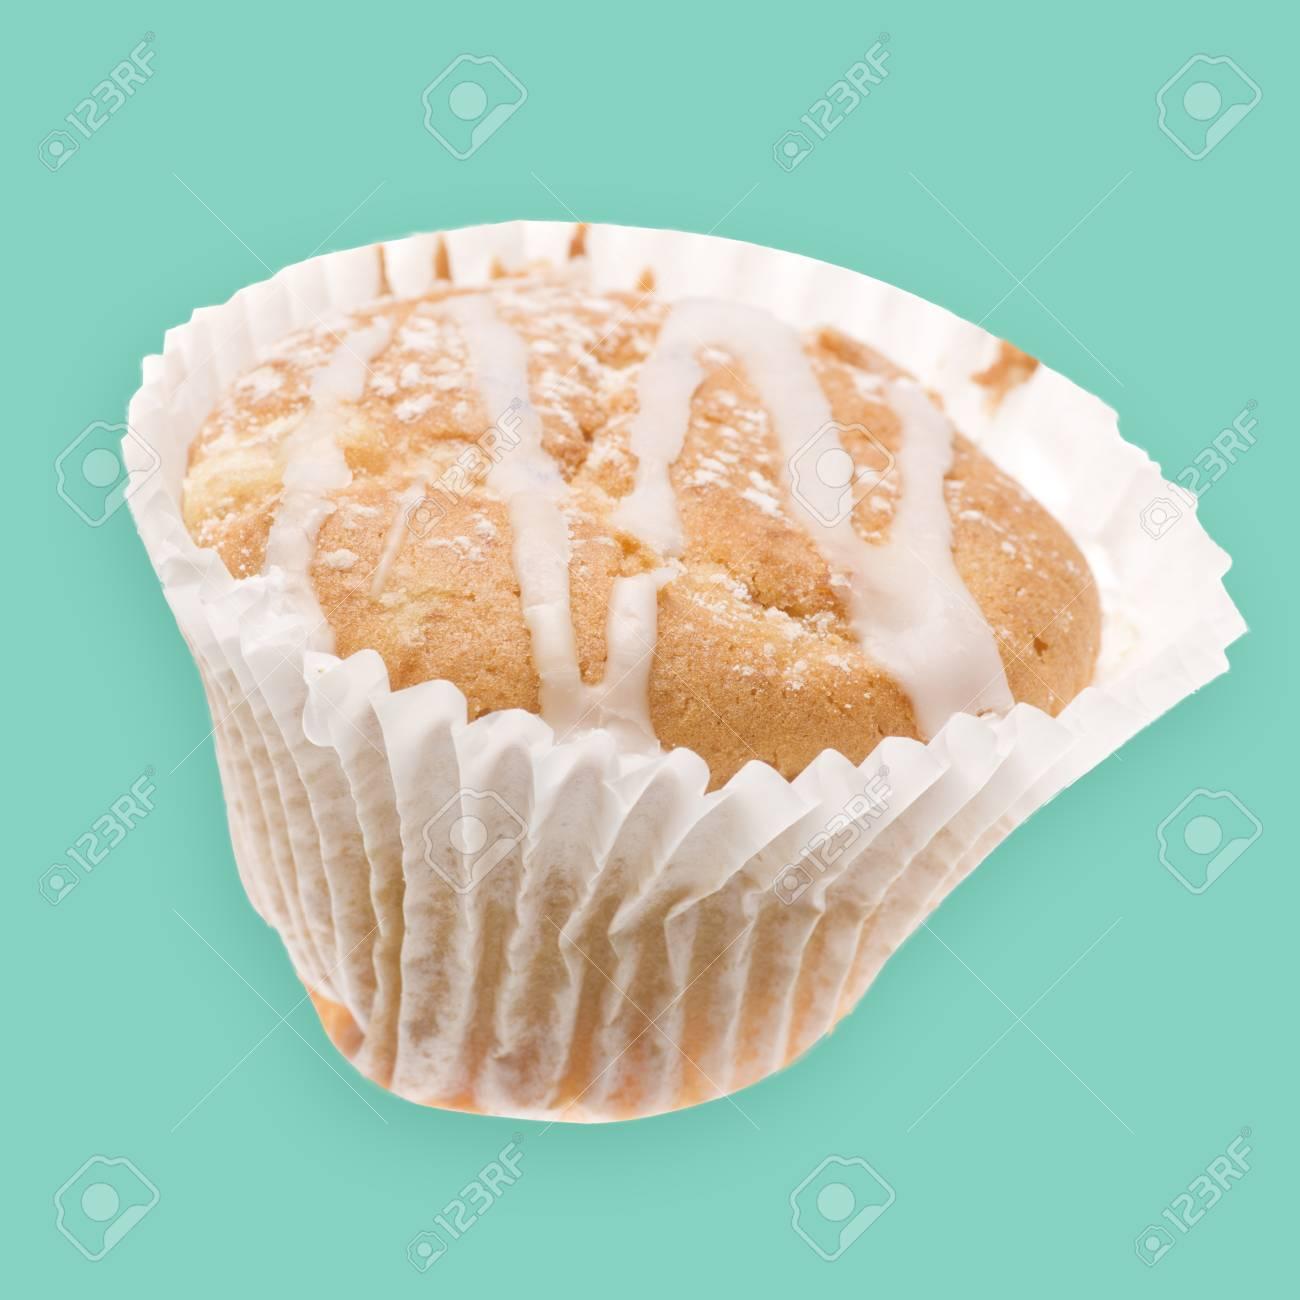 Haus Gebackene Leckere Tasse Kuchen Muffins Mit Glasur Auf Der